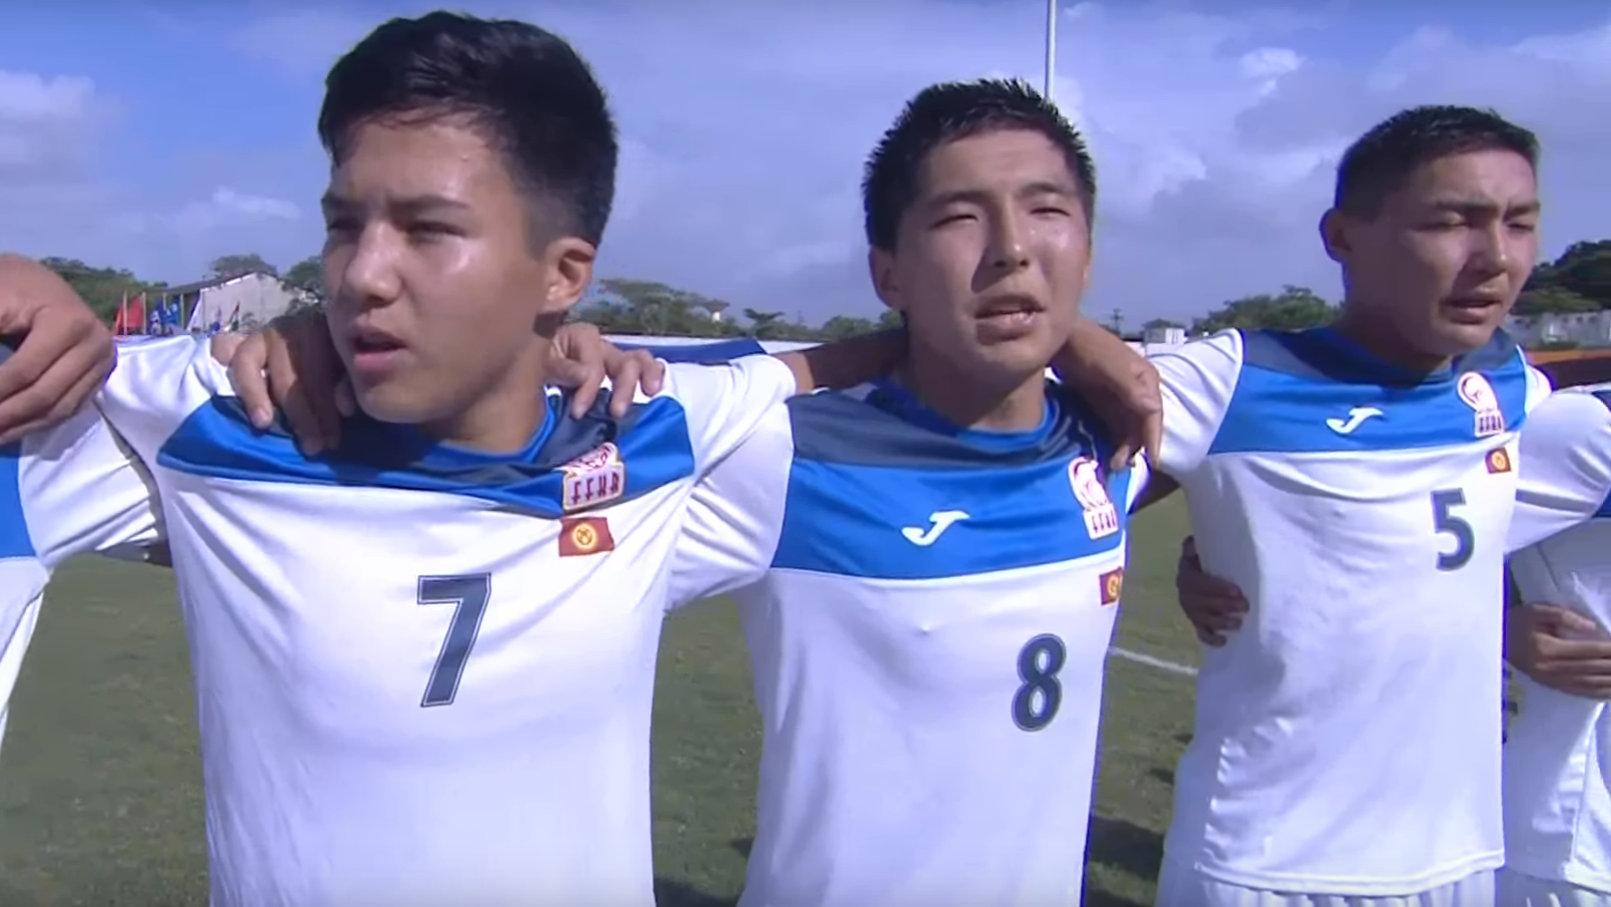 Кыргызстан впервые играет в финальной стадии чемпионата Азии U-16.